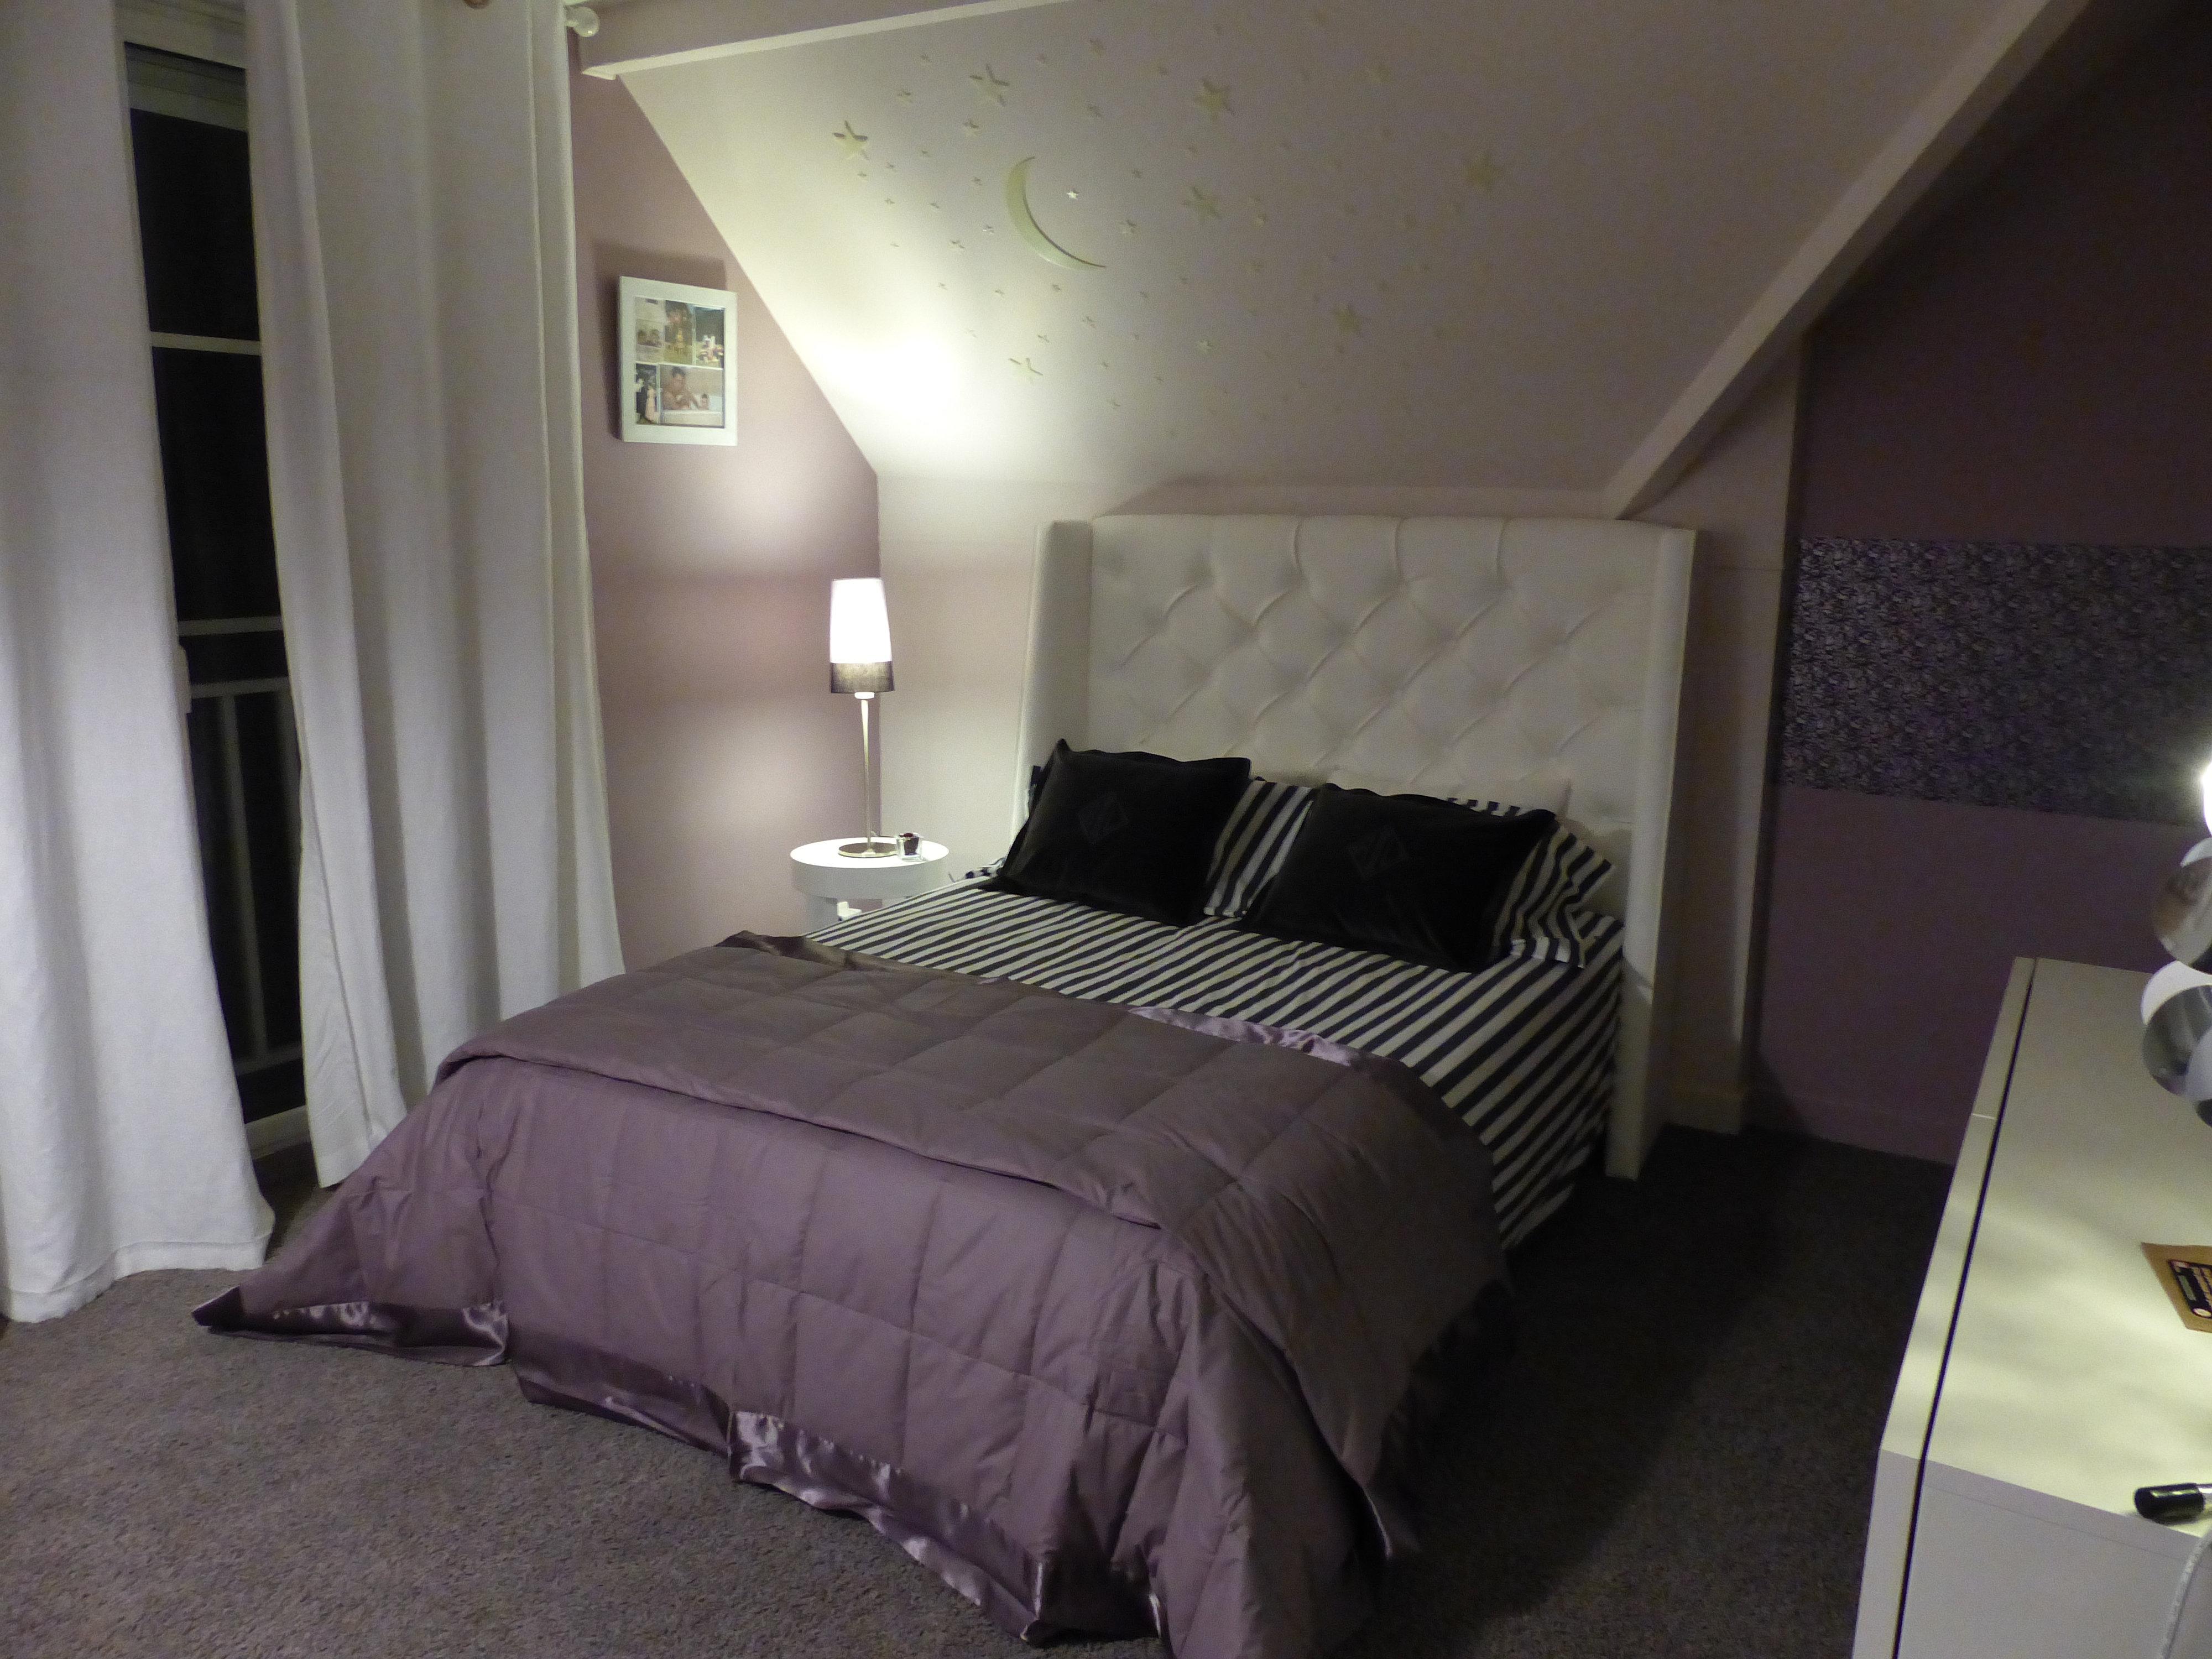 dco design tapissier decorateur t te de lit oreille. Black Bedroom Furniture Sets. Home Design Ideas